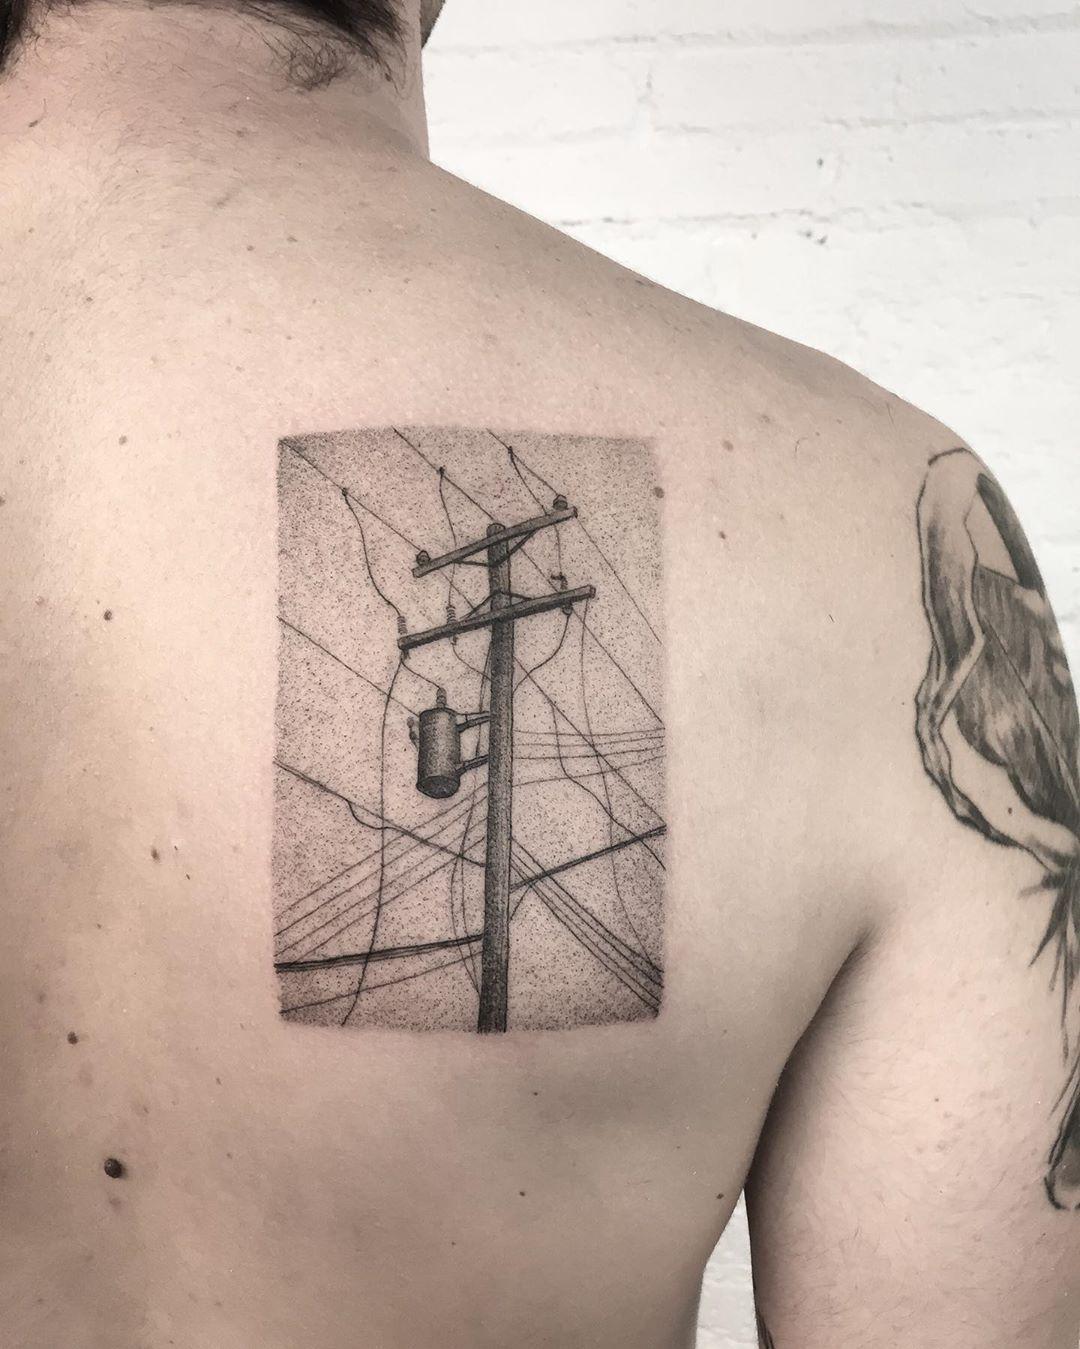 Utility pole tattoo by @sztuka_wojny